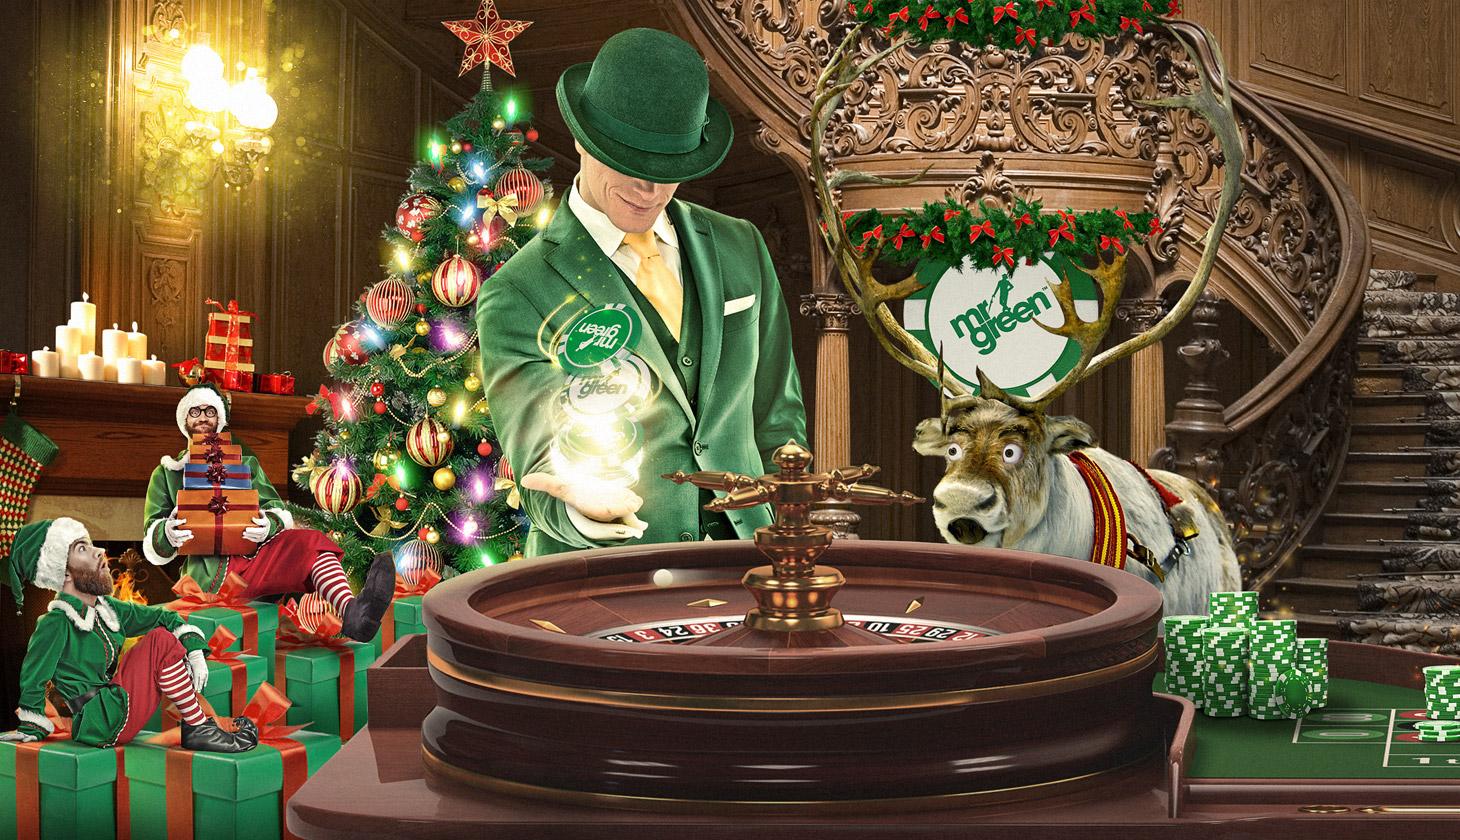 Tiradas Gratis Aristocrat mr bet casino starburst - 85557